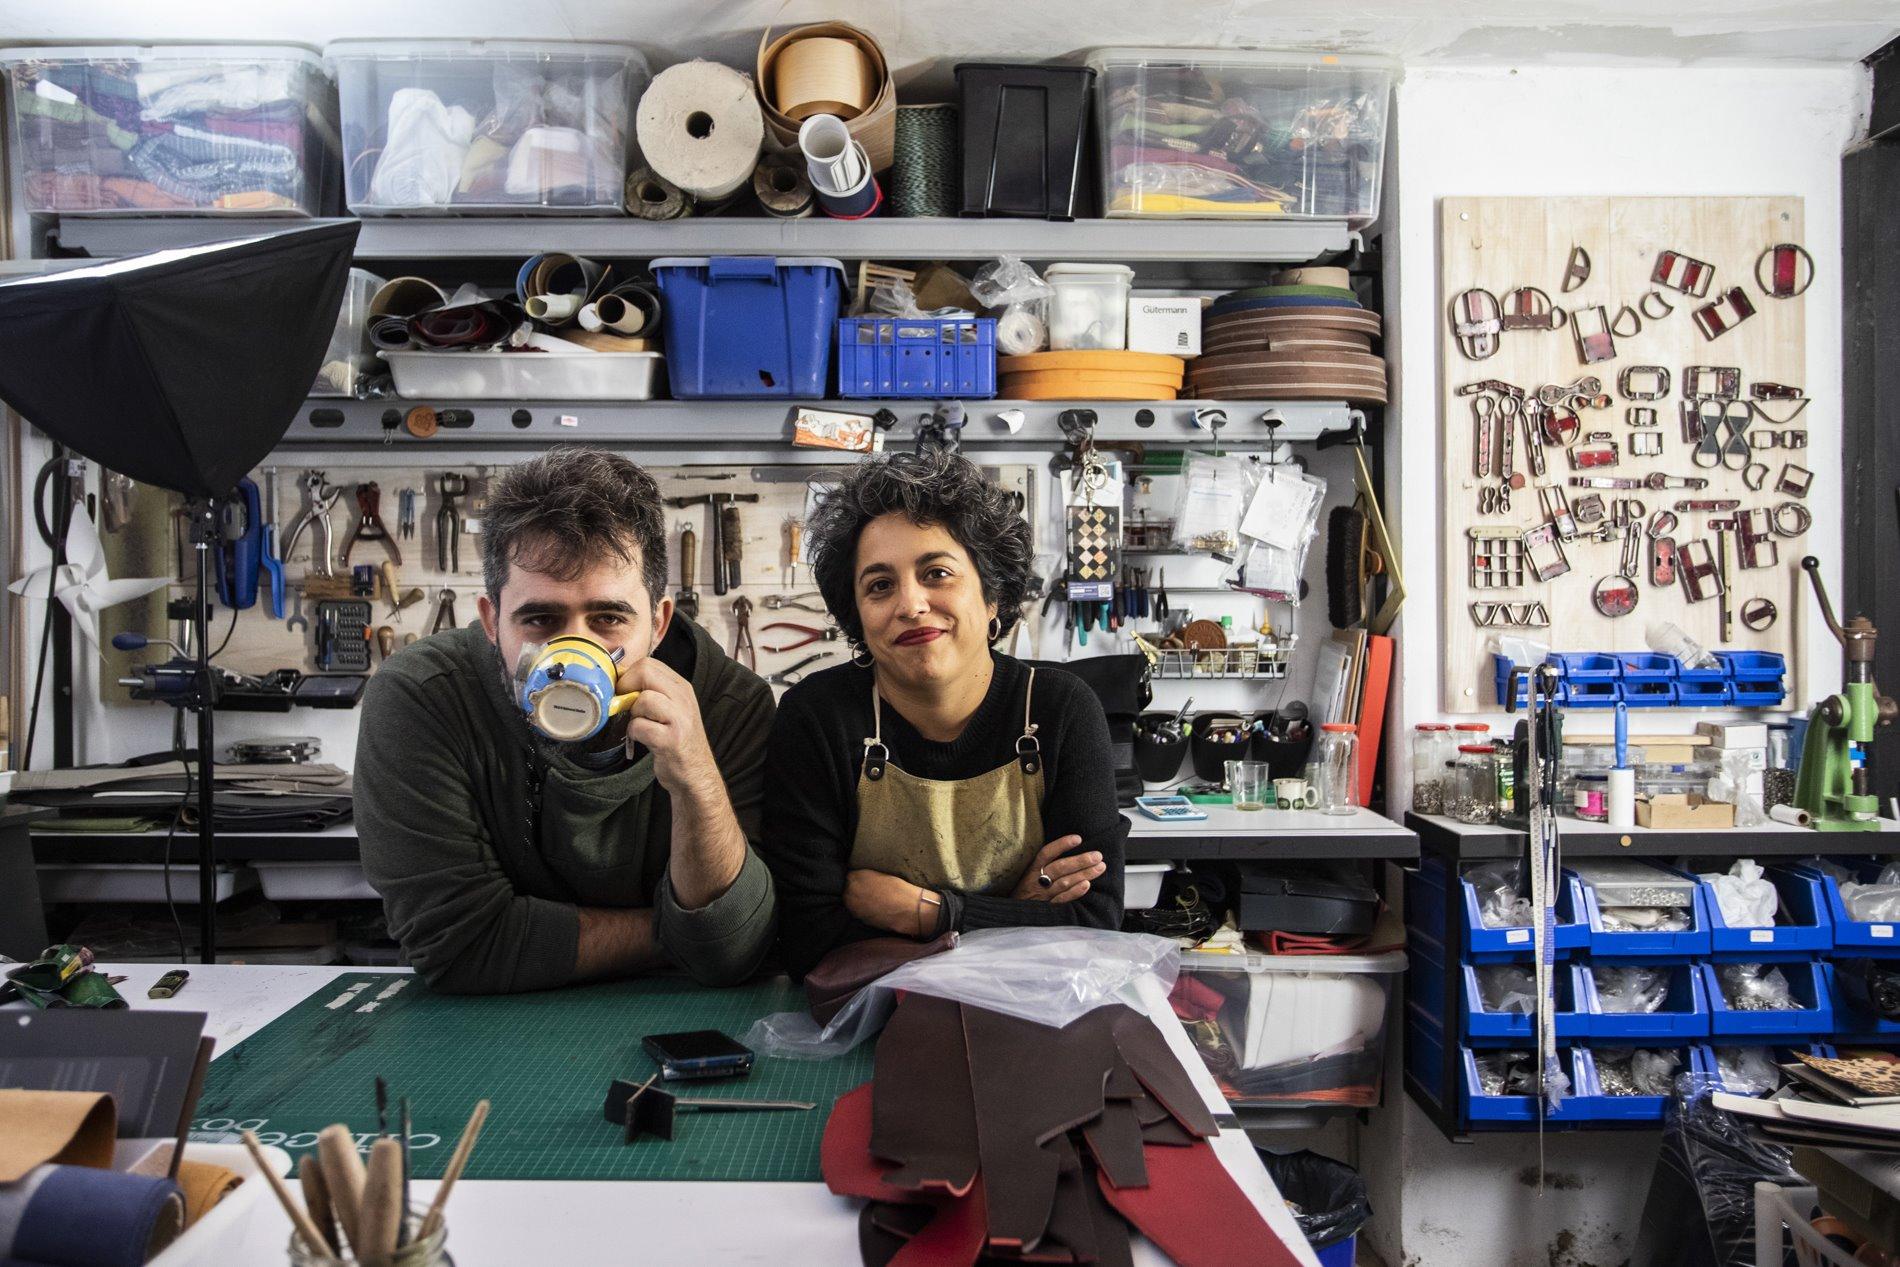 Alejandra y Ruggero posan tranquilos en el caos de su taller.